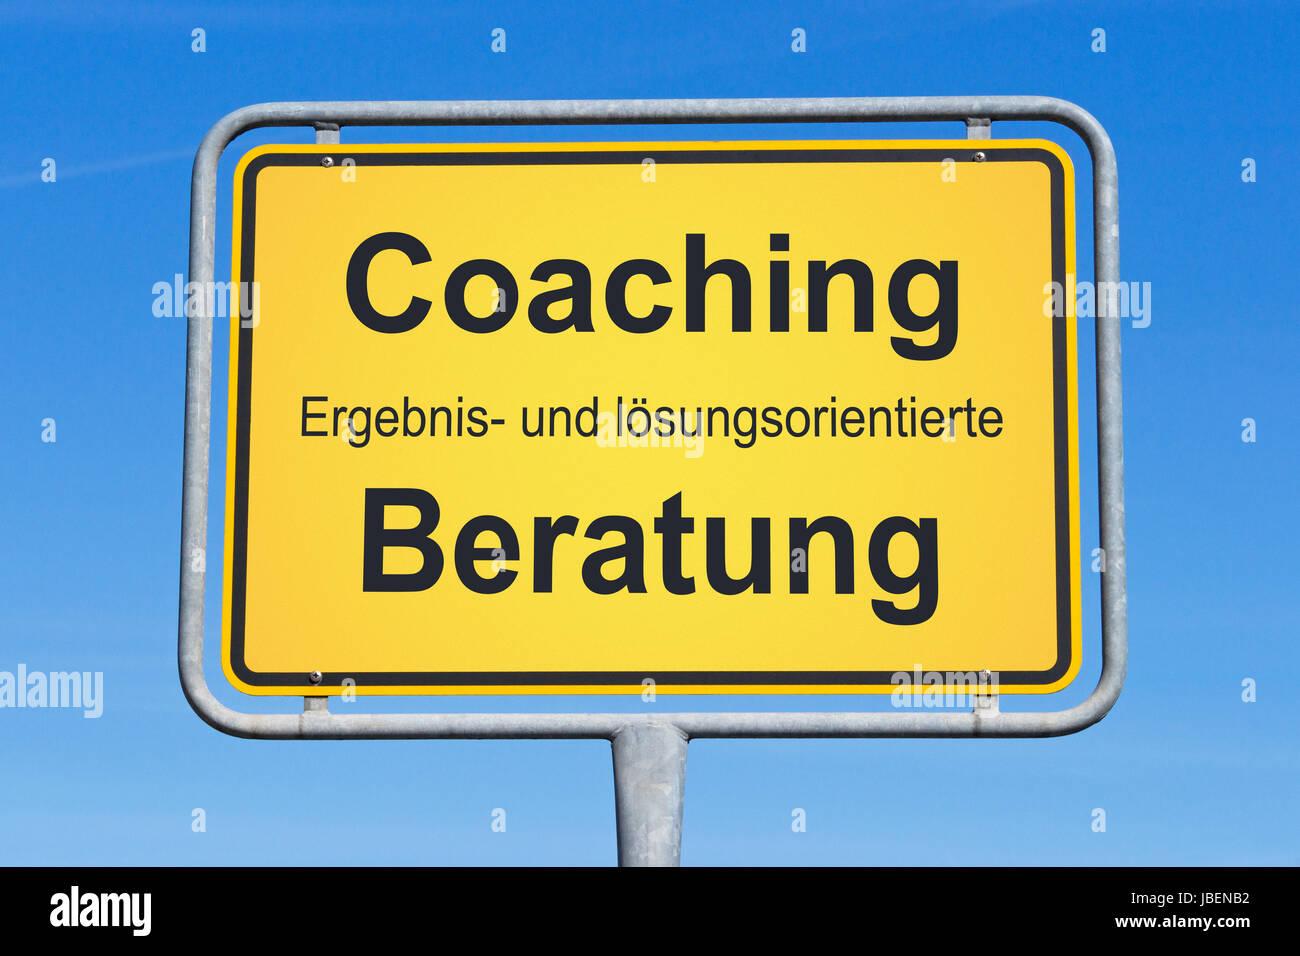 Coaching Foto de stock